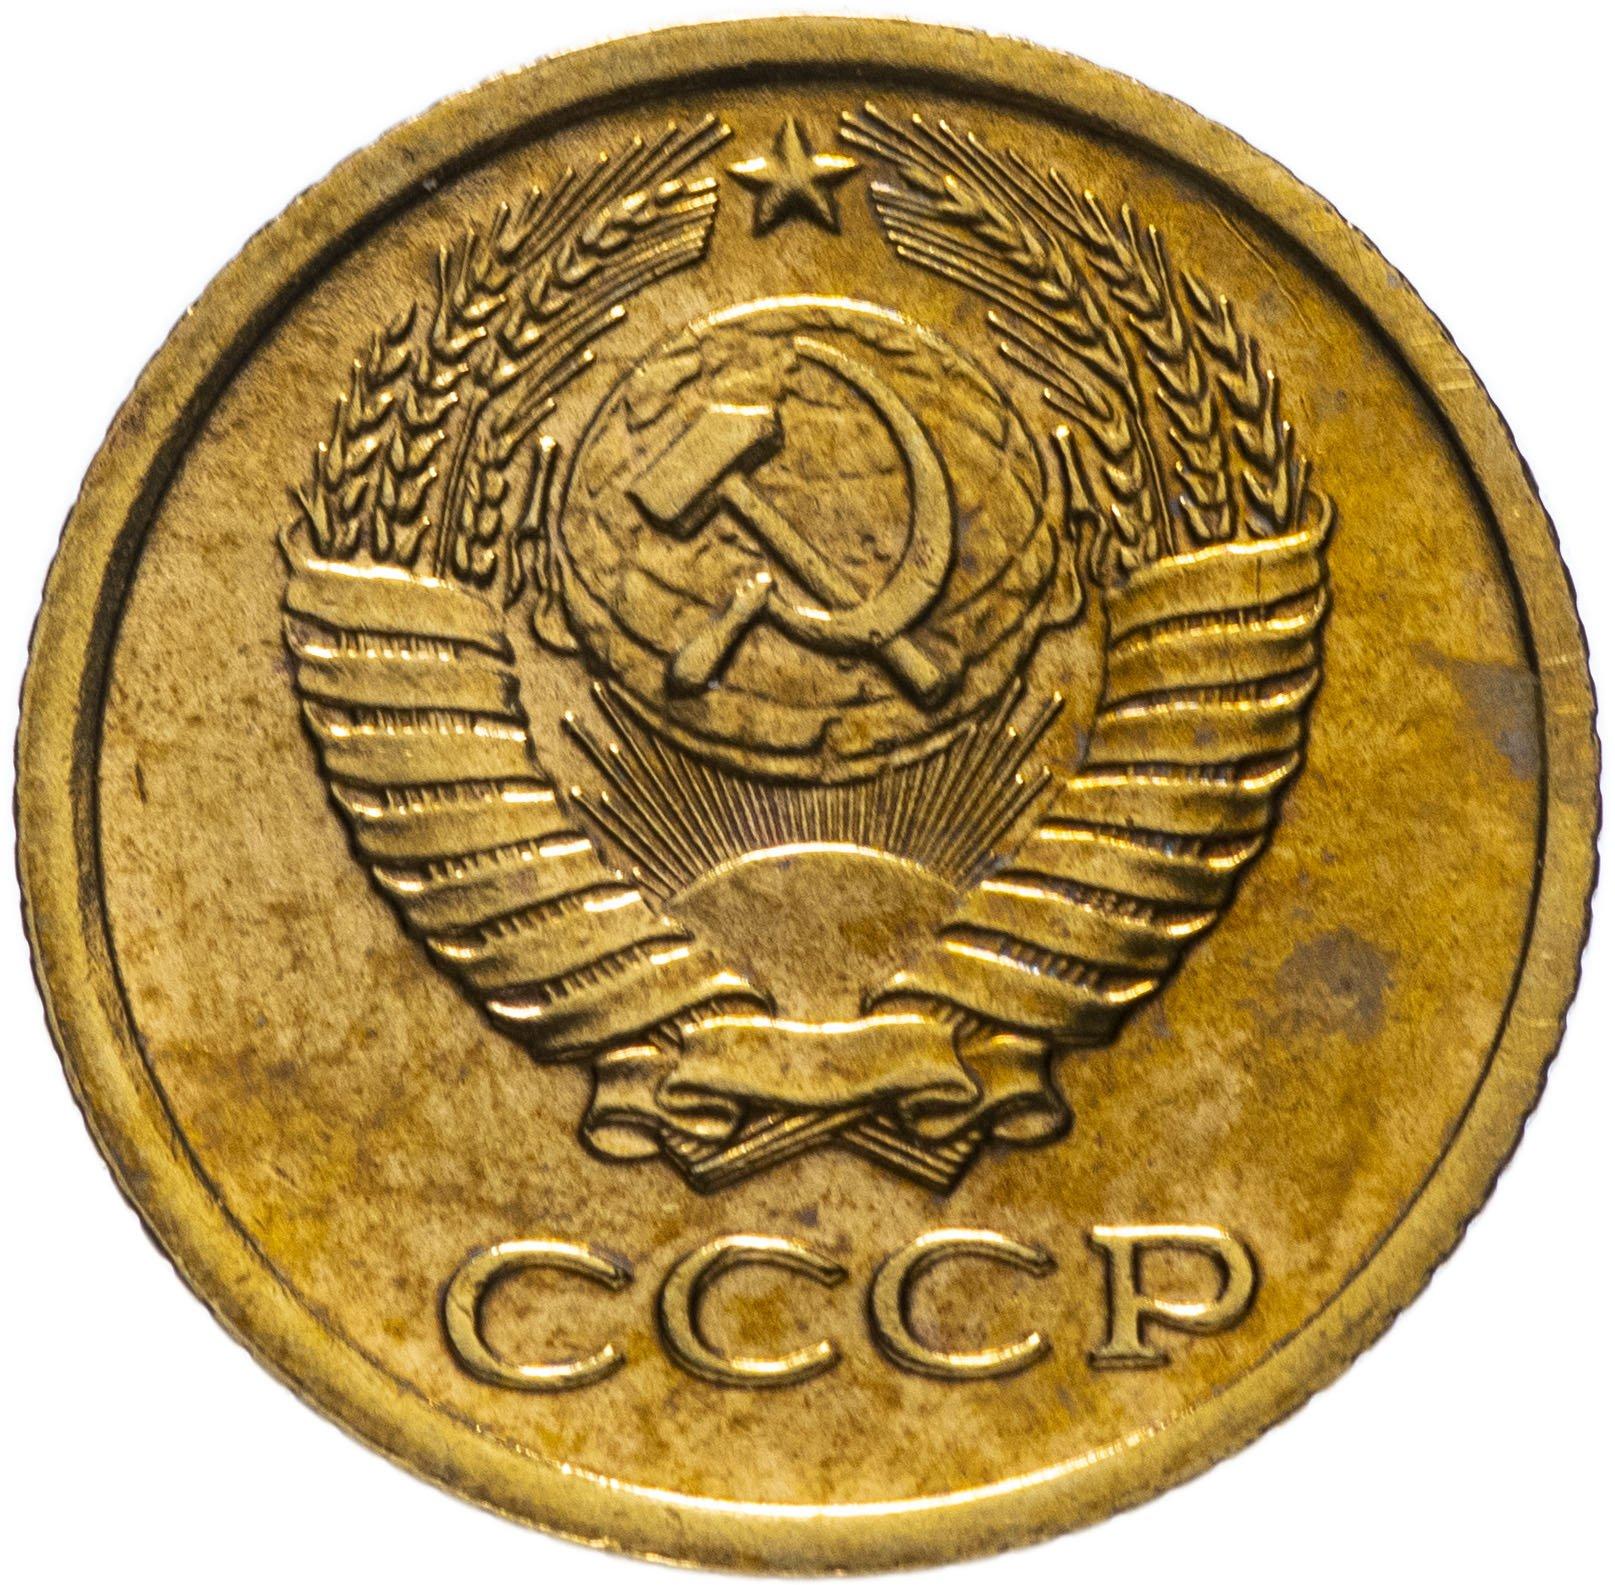 монеты ссср россии картинки видно, что